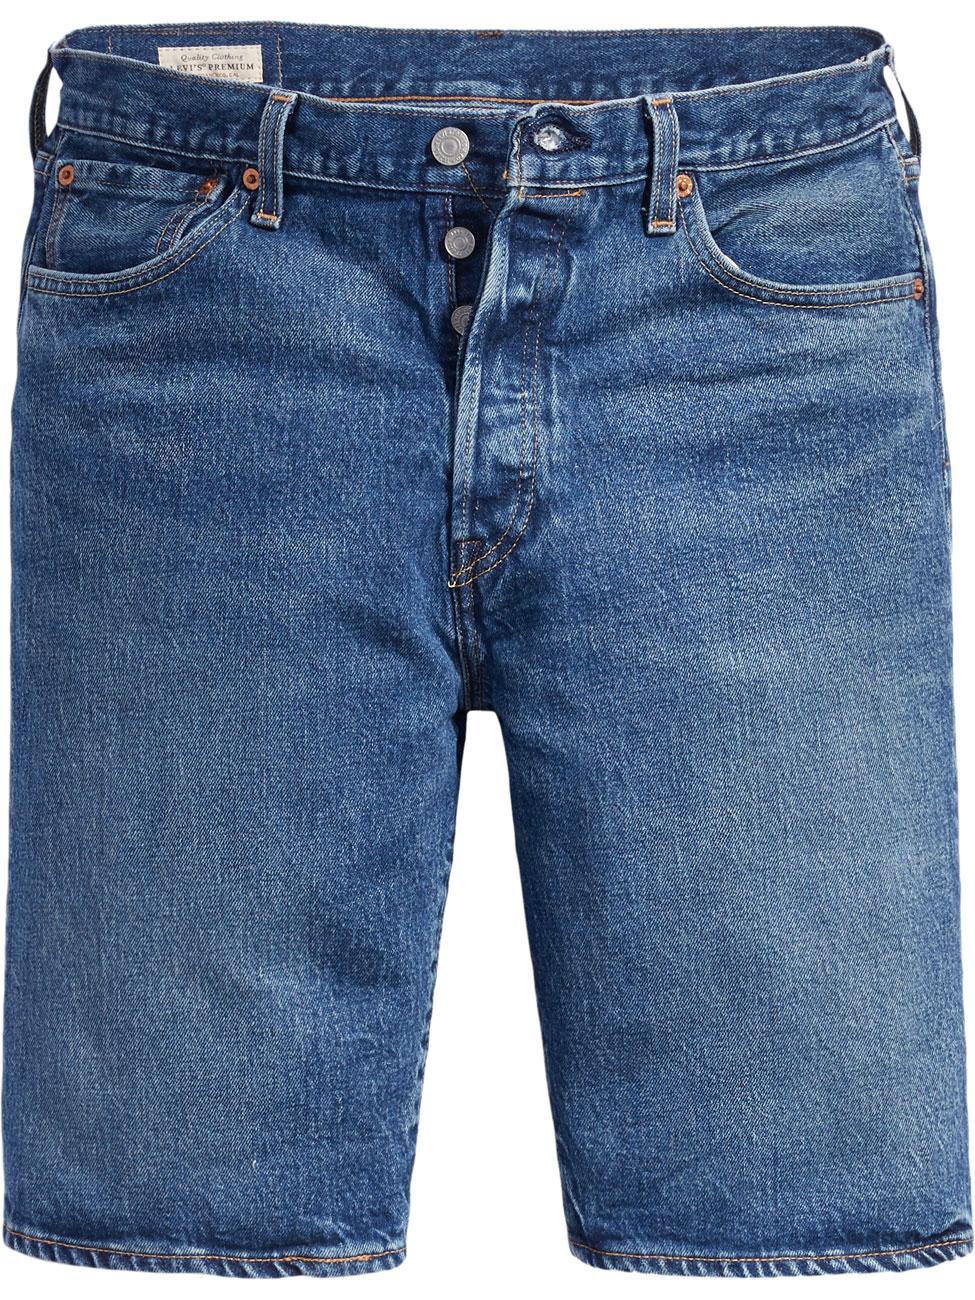 Levi's Jeansshorts 501®, gerade Passform, in 3 Waschungen